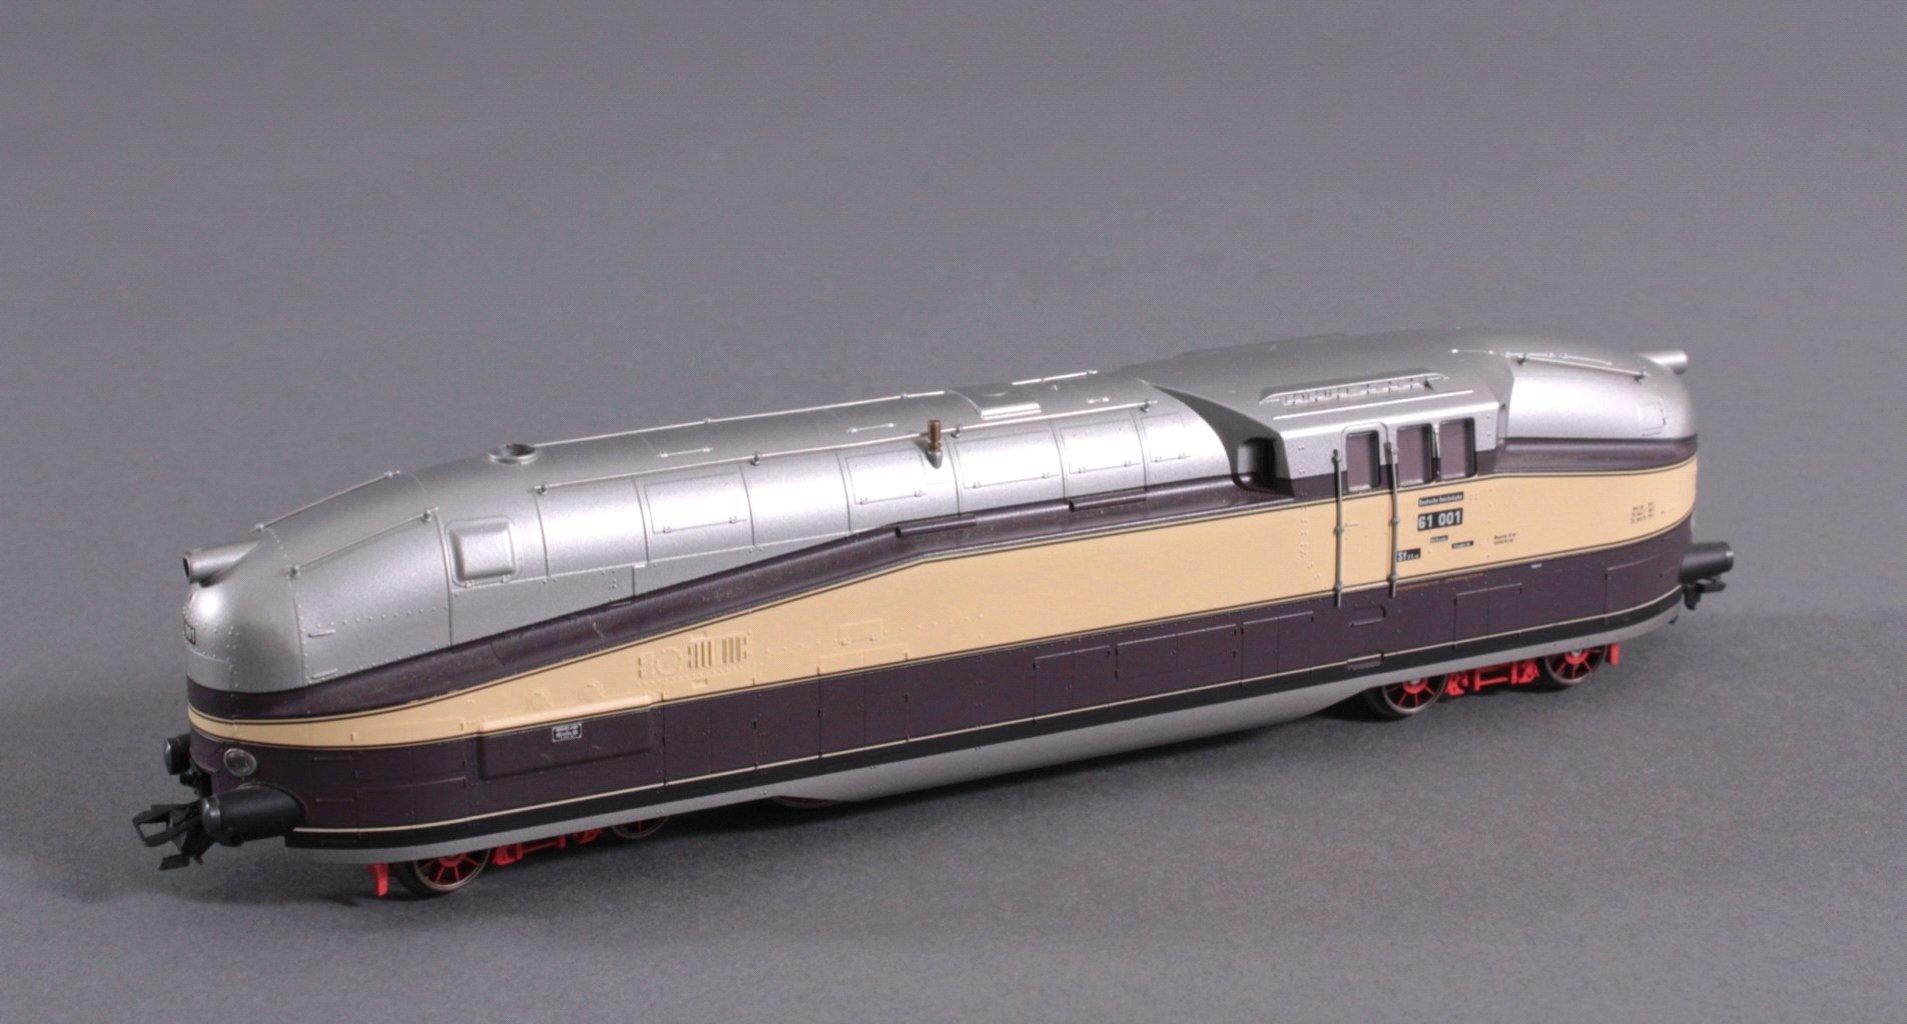 Dampflok 61 001 Deutsche Rechsbahn Spur H0-1